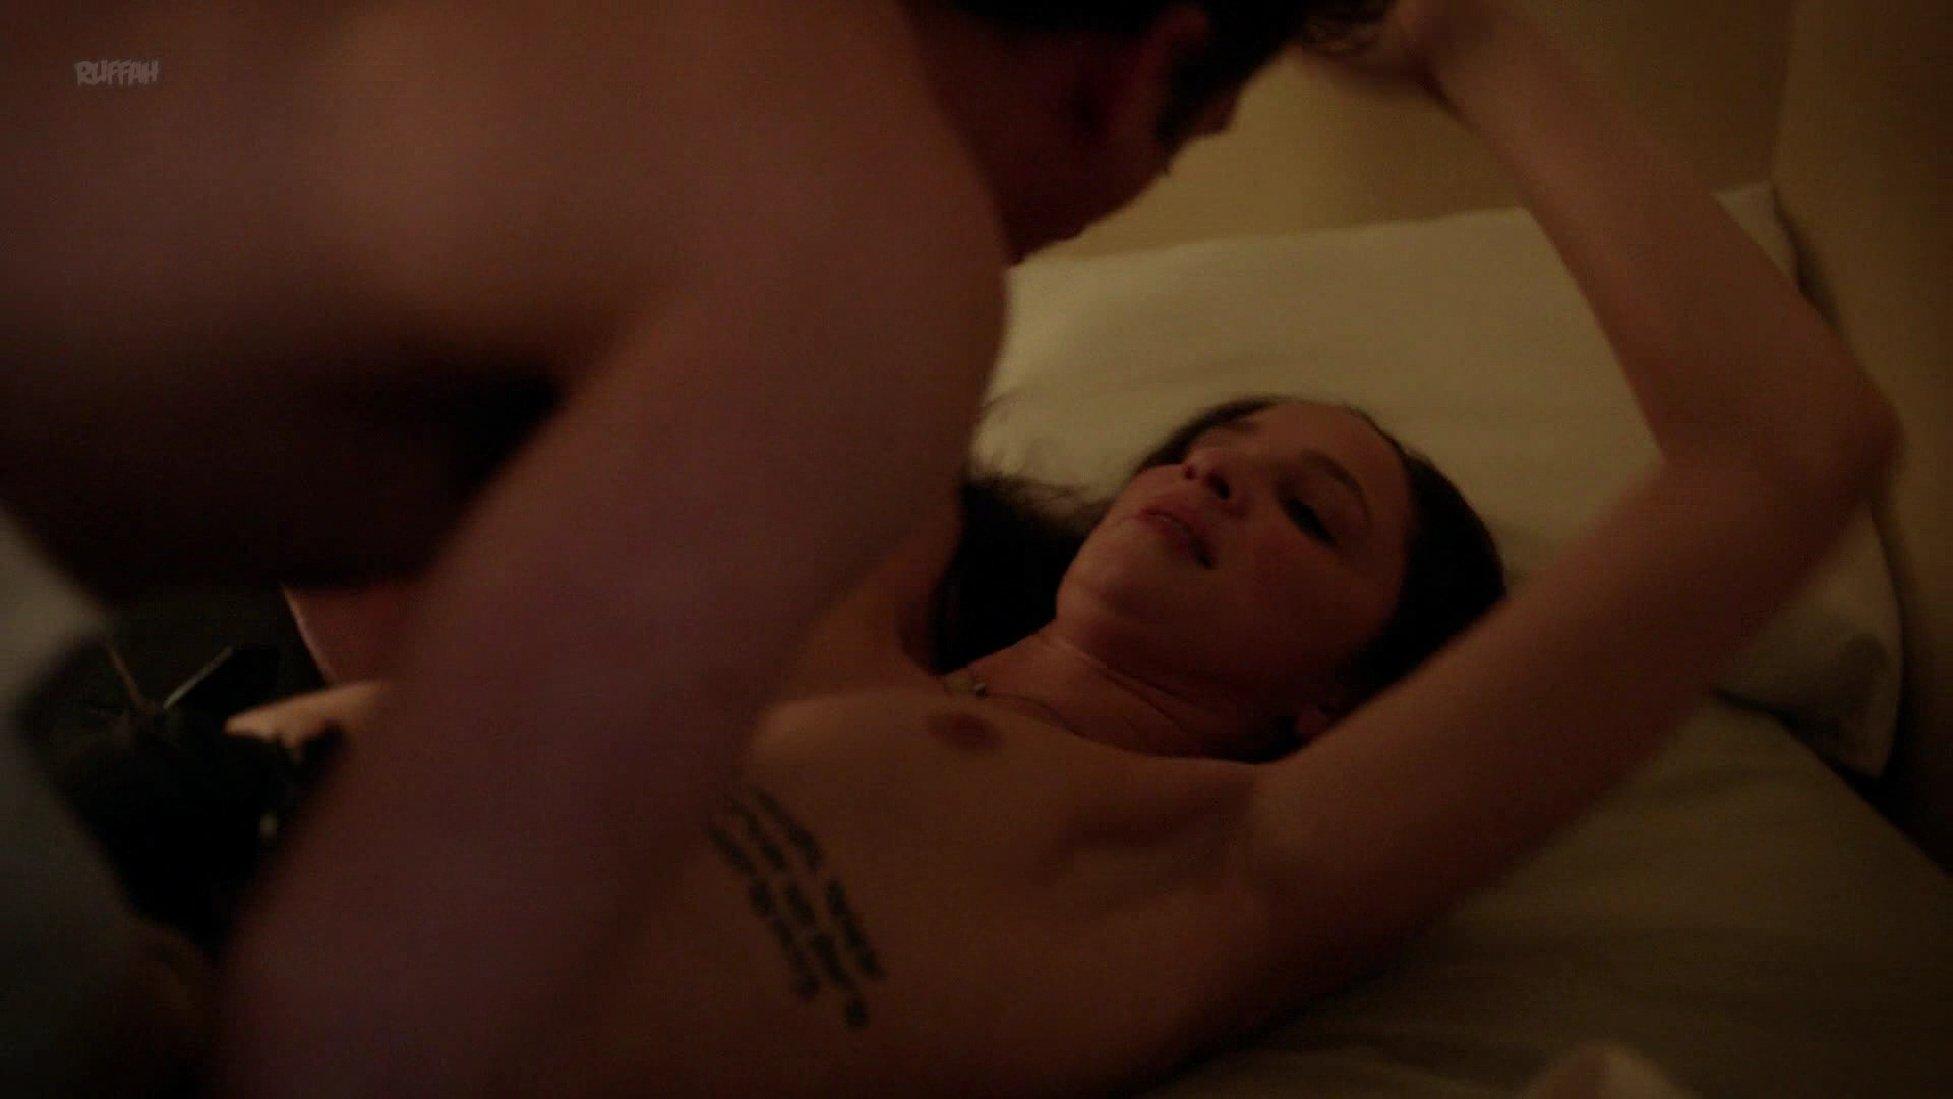 Mia campbell naked